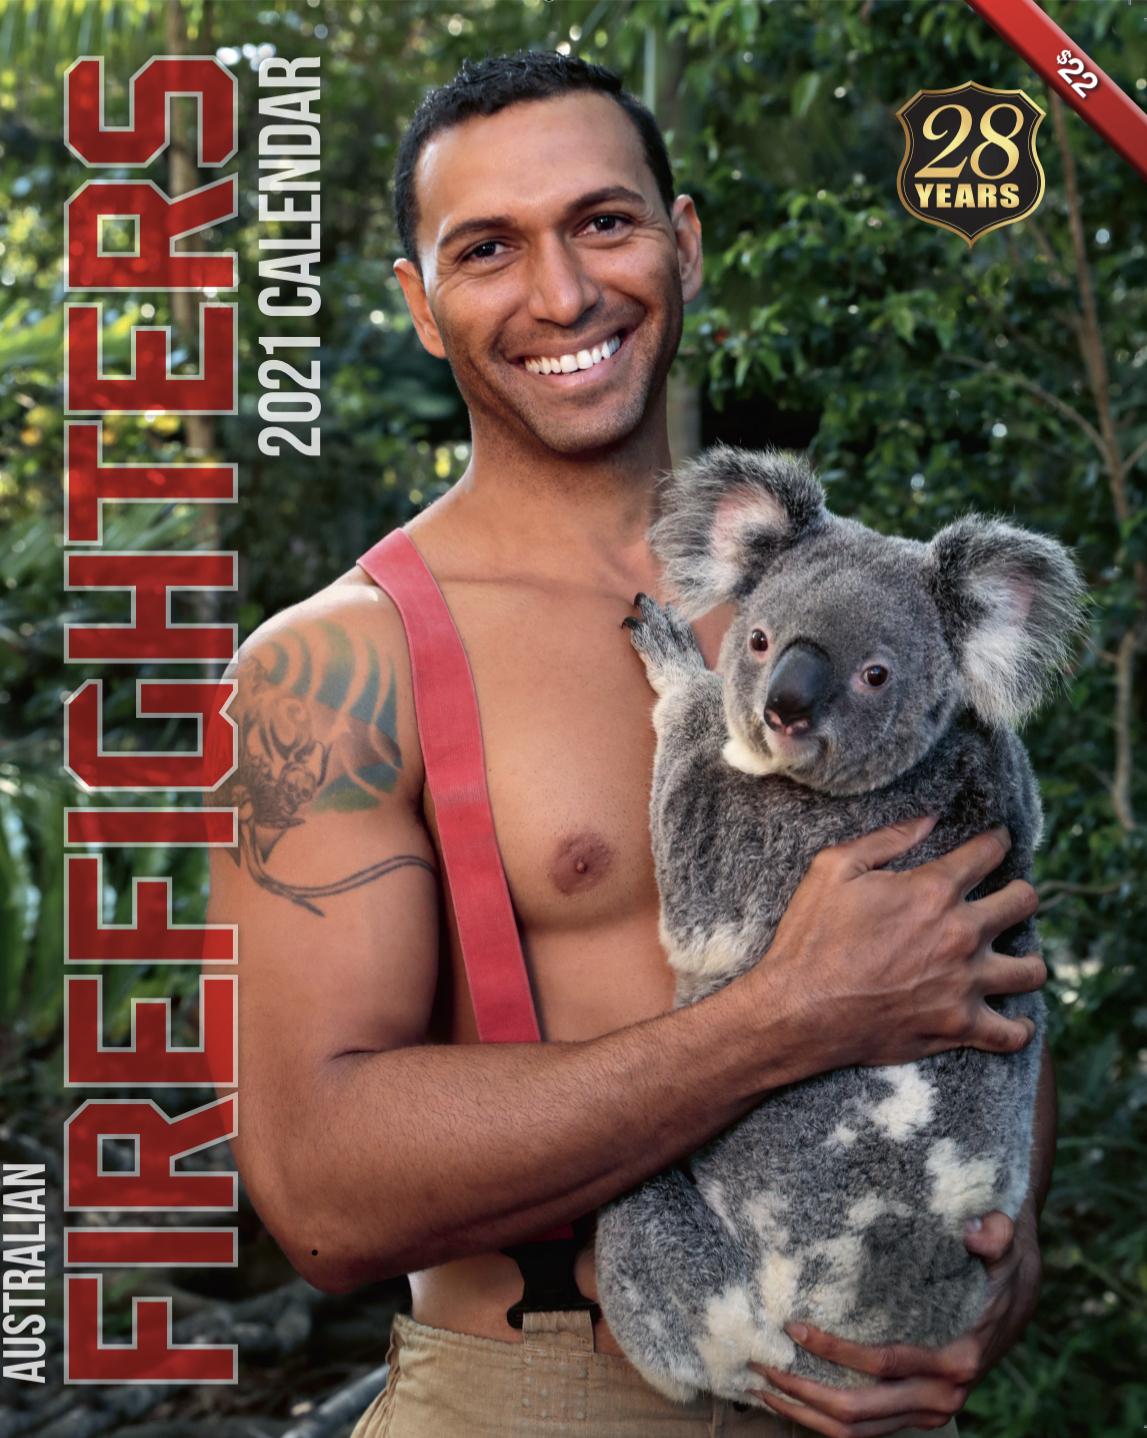 Australian Firefighters Calendar Is Back For 2021 | Newswire